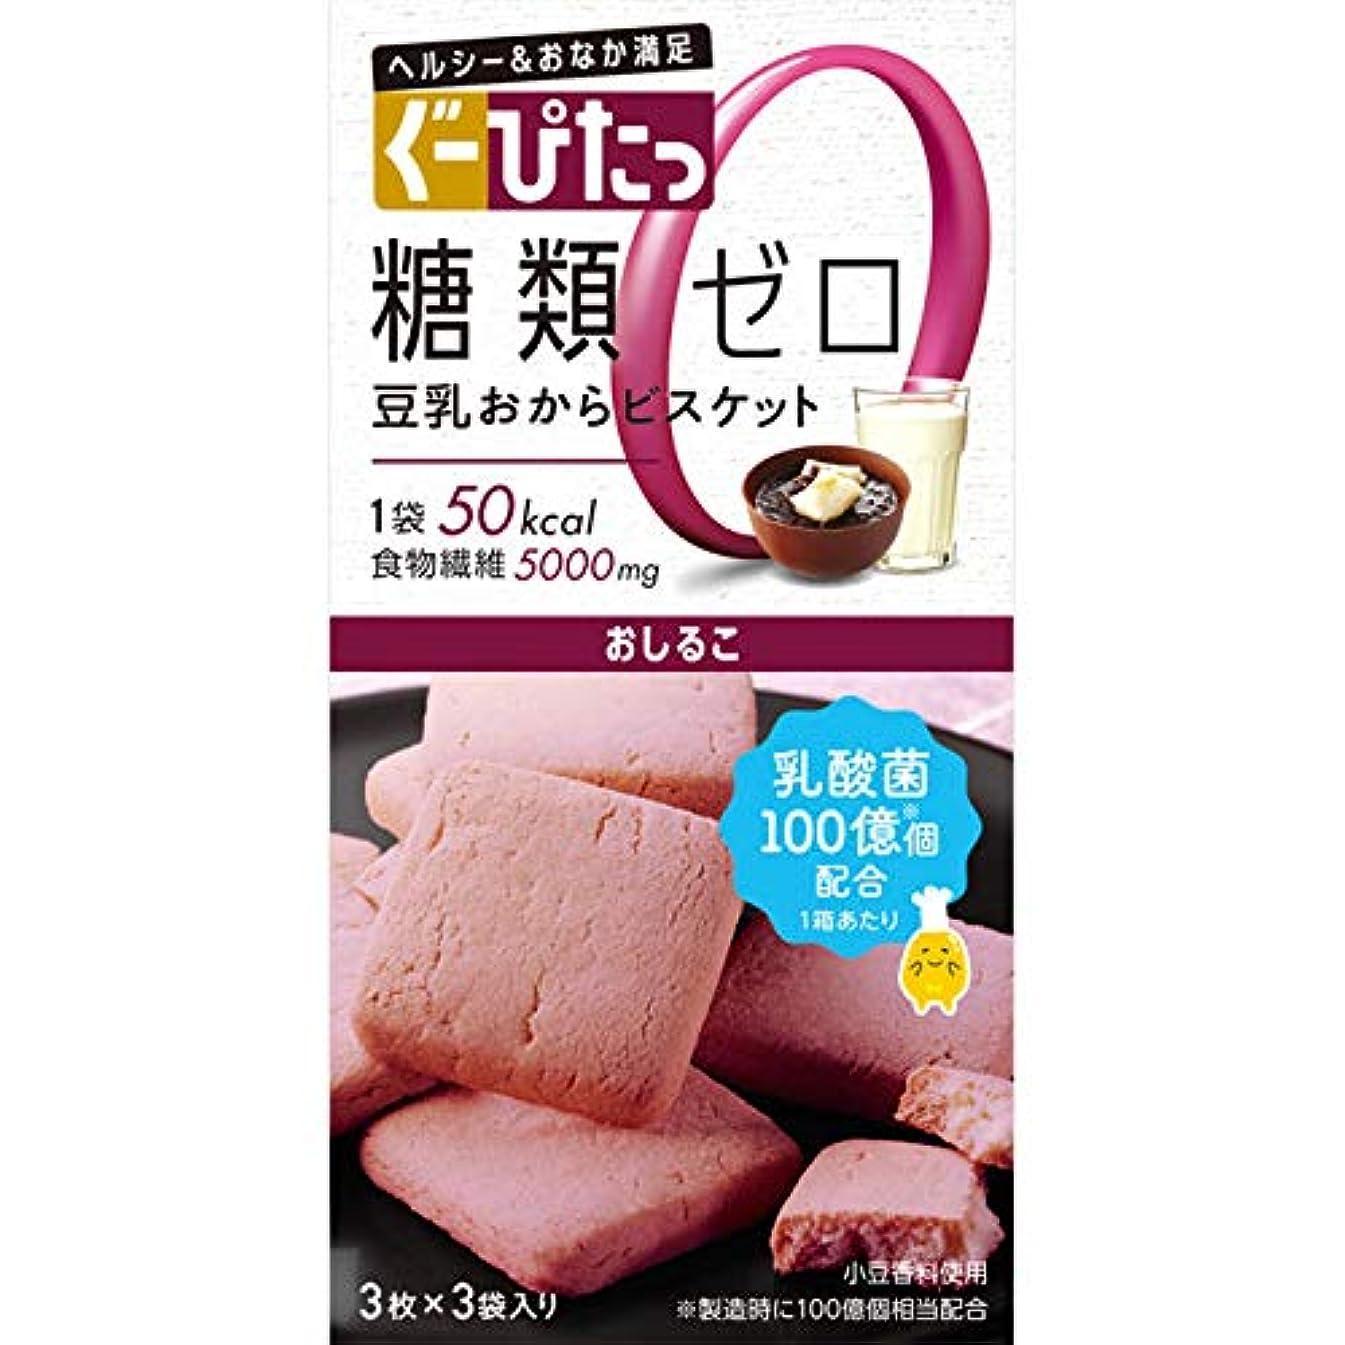 輝く同情的うまれたナリスアップ ぐーぴたっ 豆乳おからビスケット おしるこ (3枚×3袋) ダイエット食品